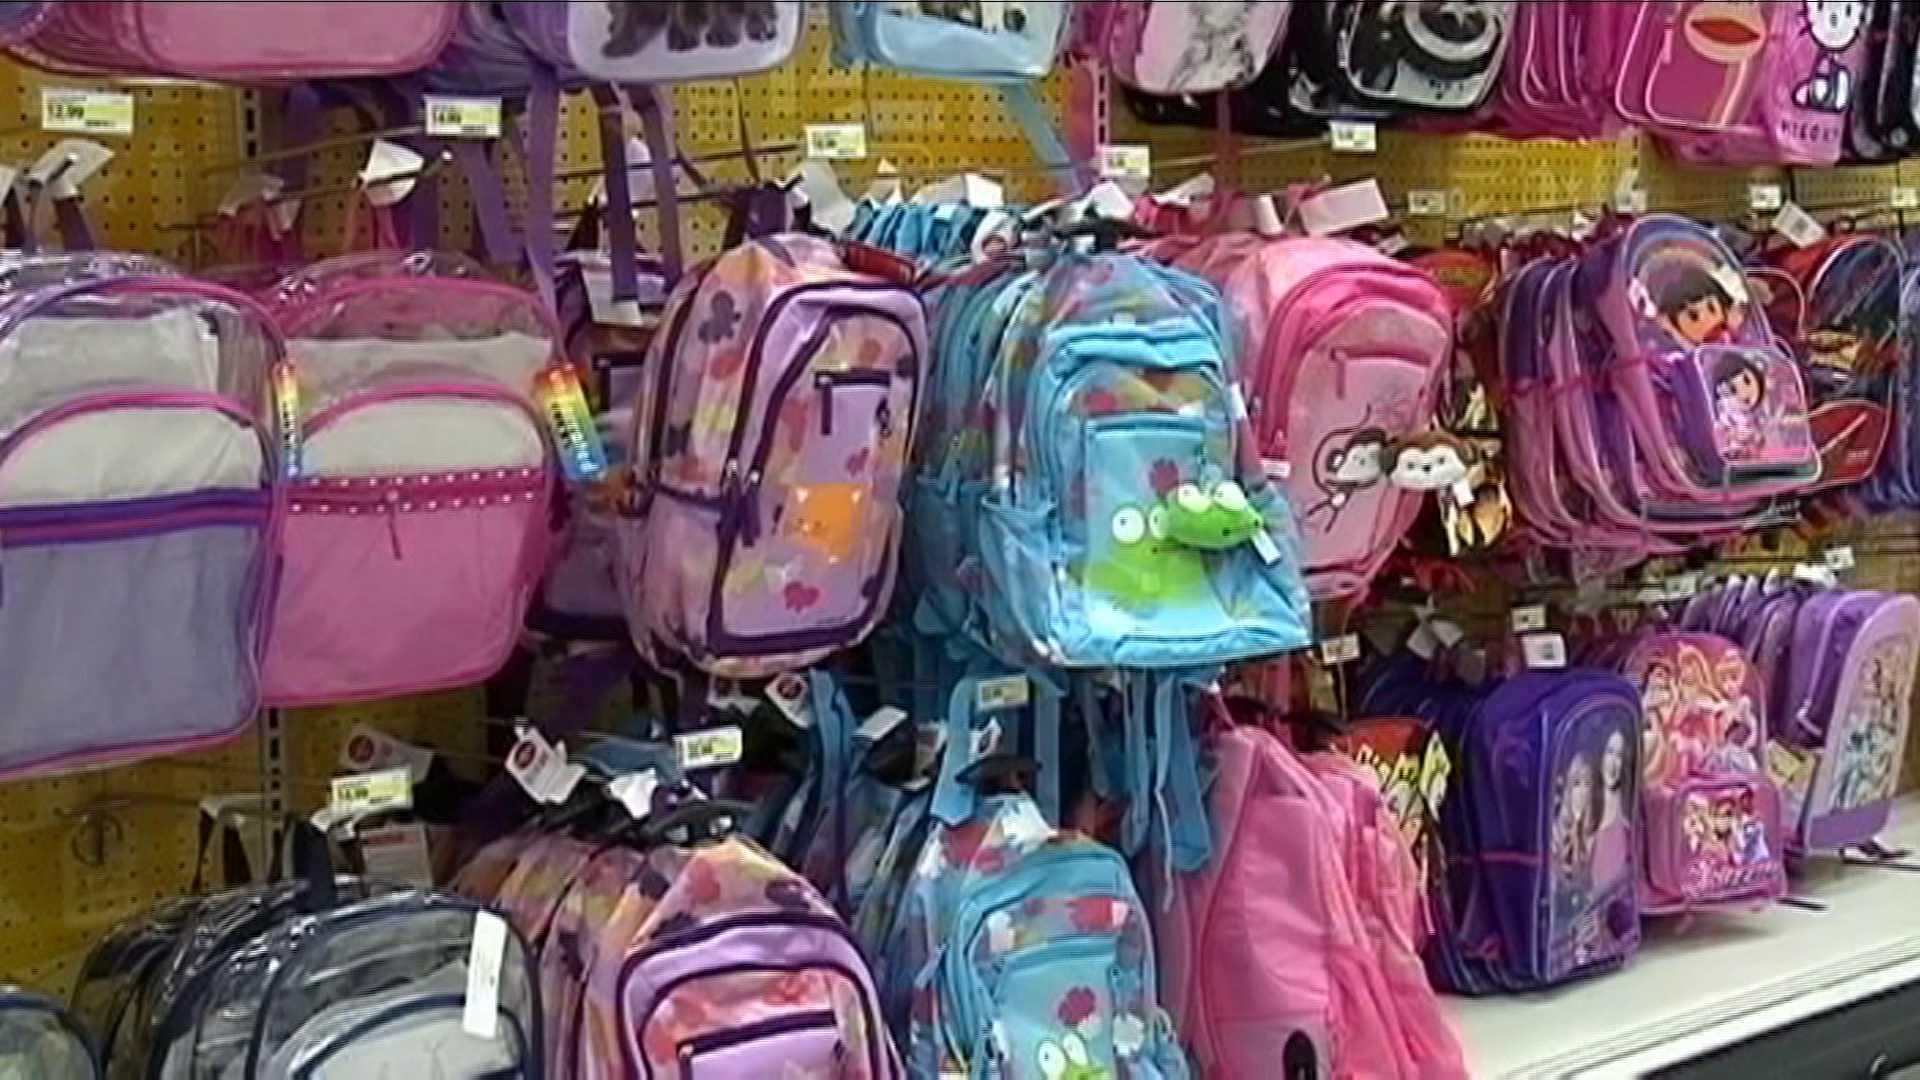 Back-to-school gear